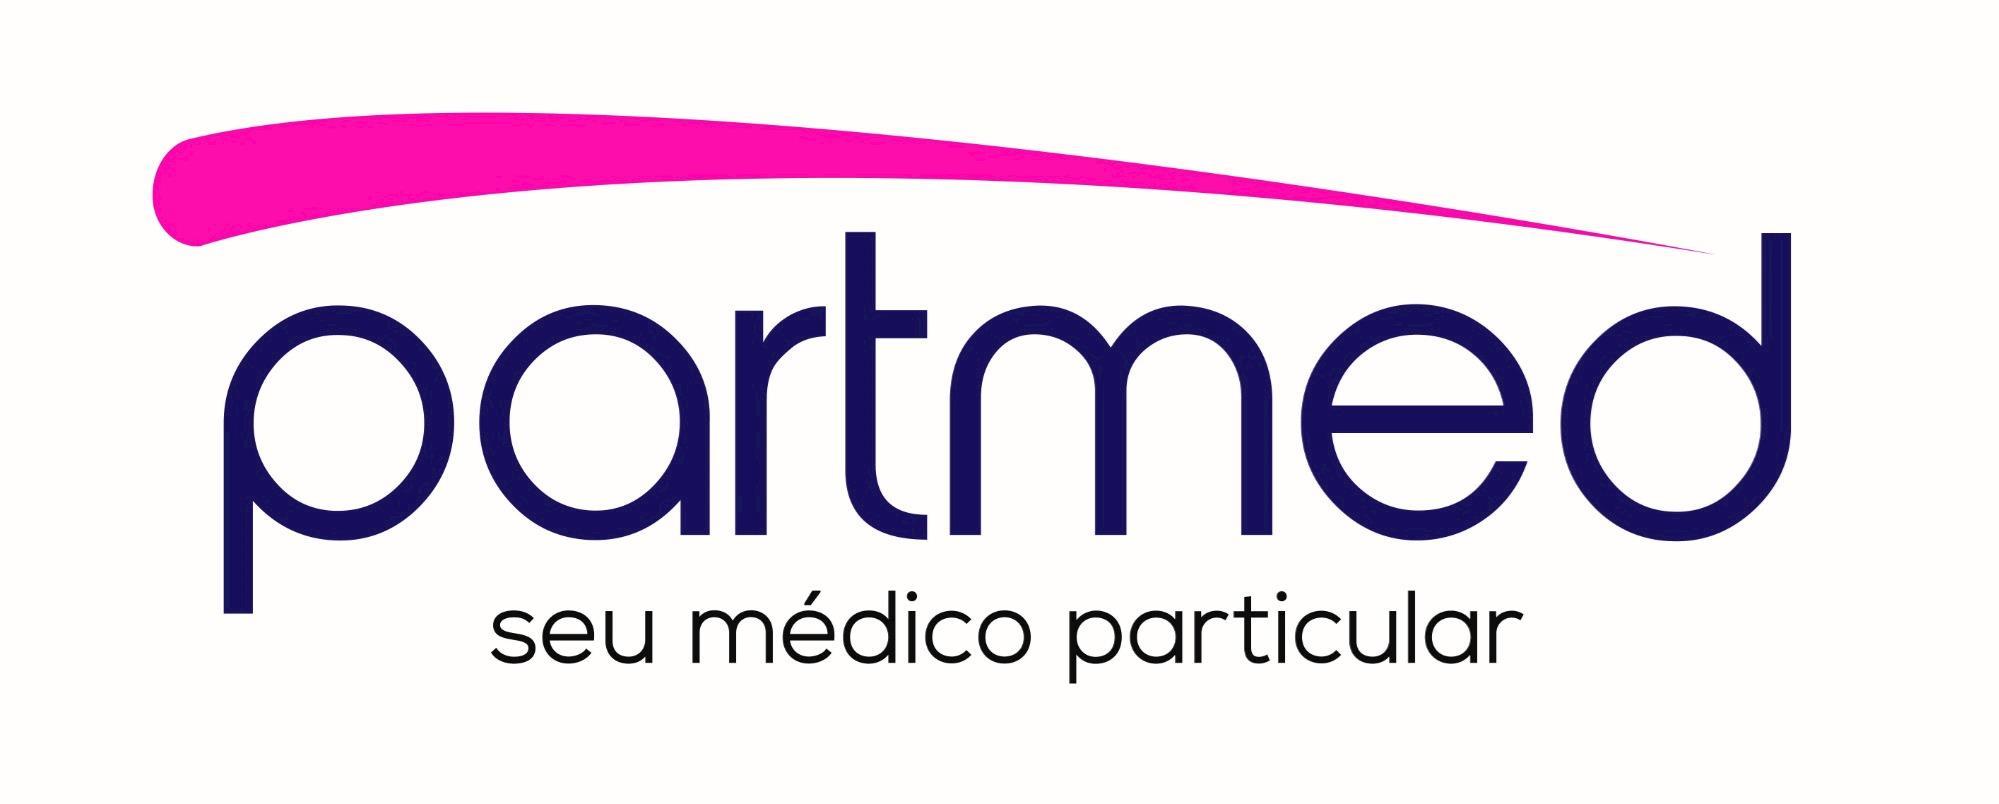 Partmed - Saúde e Medicina